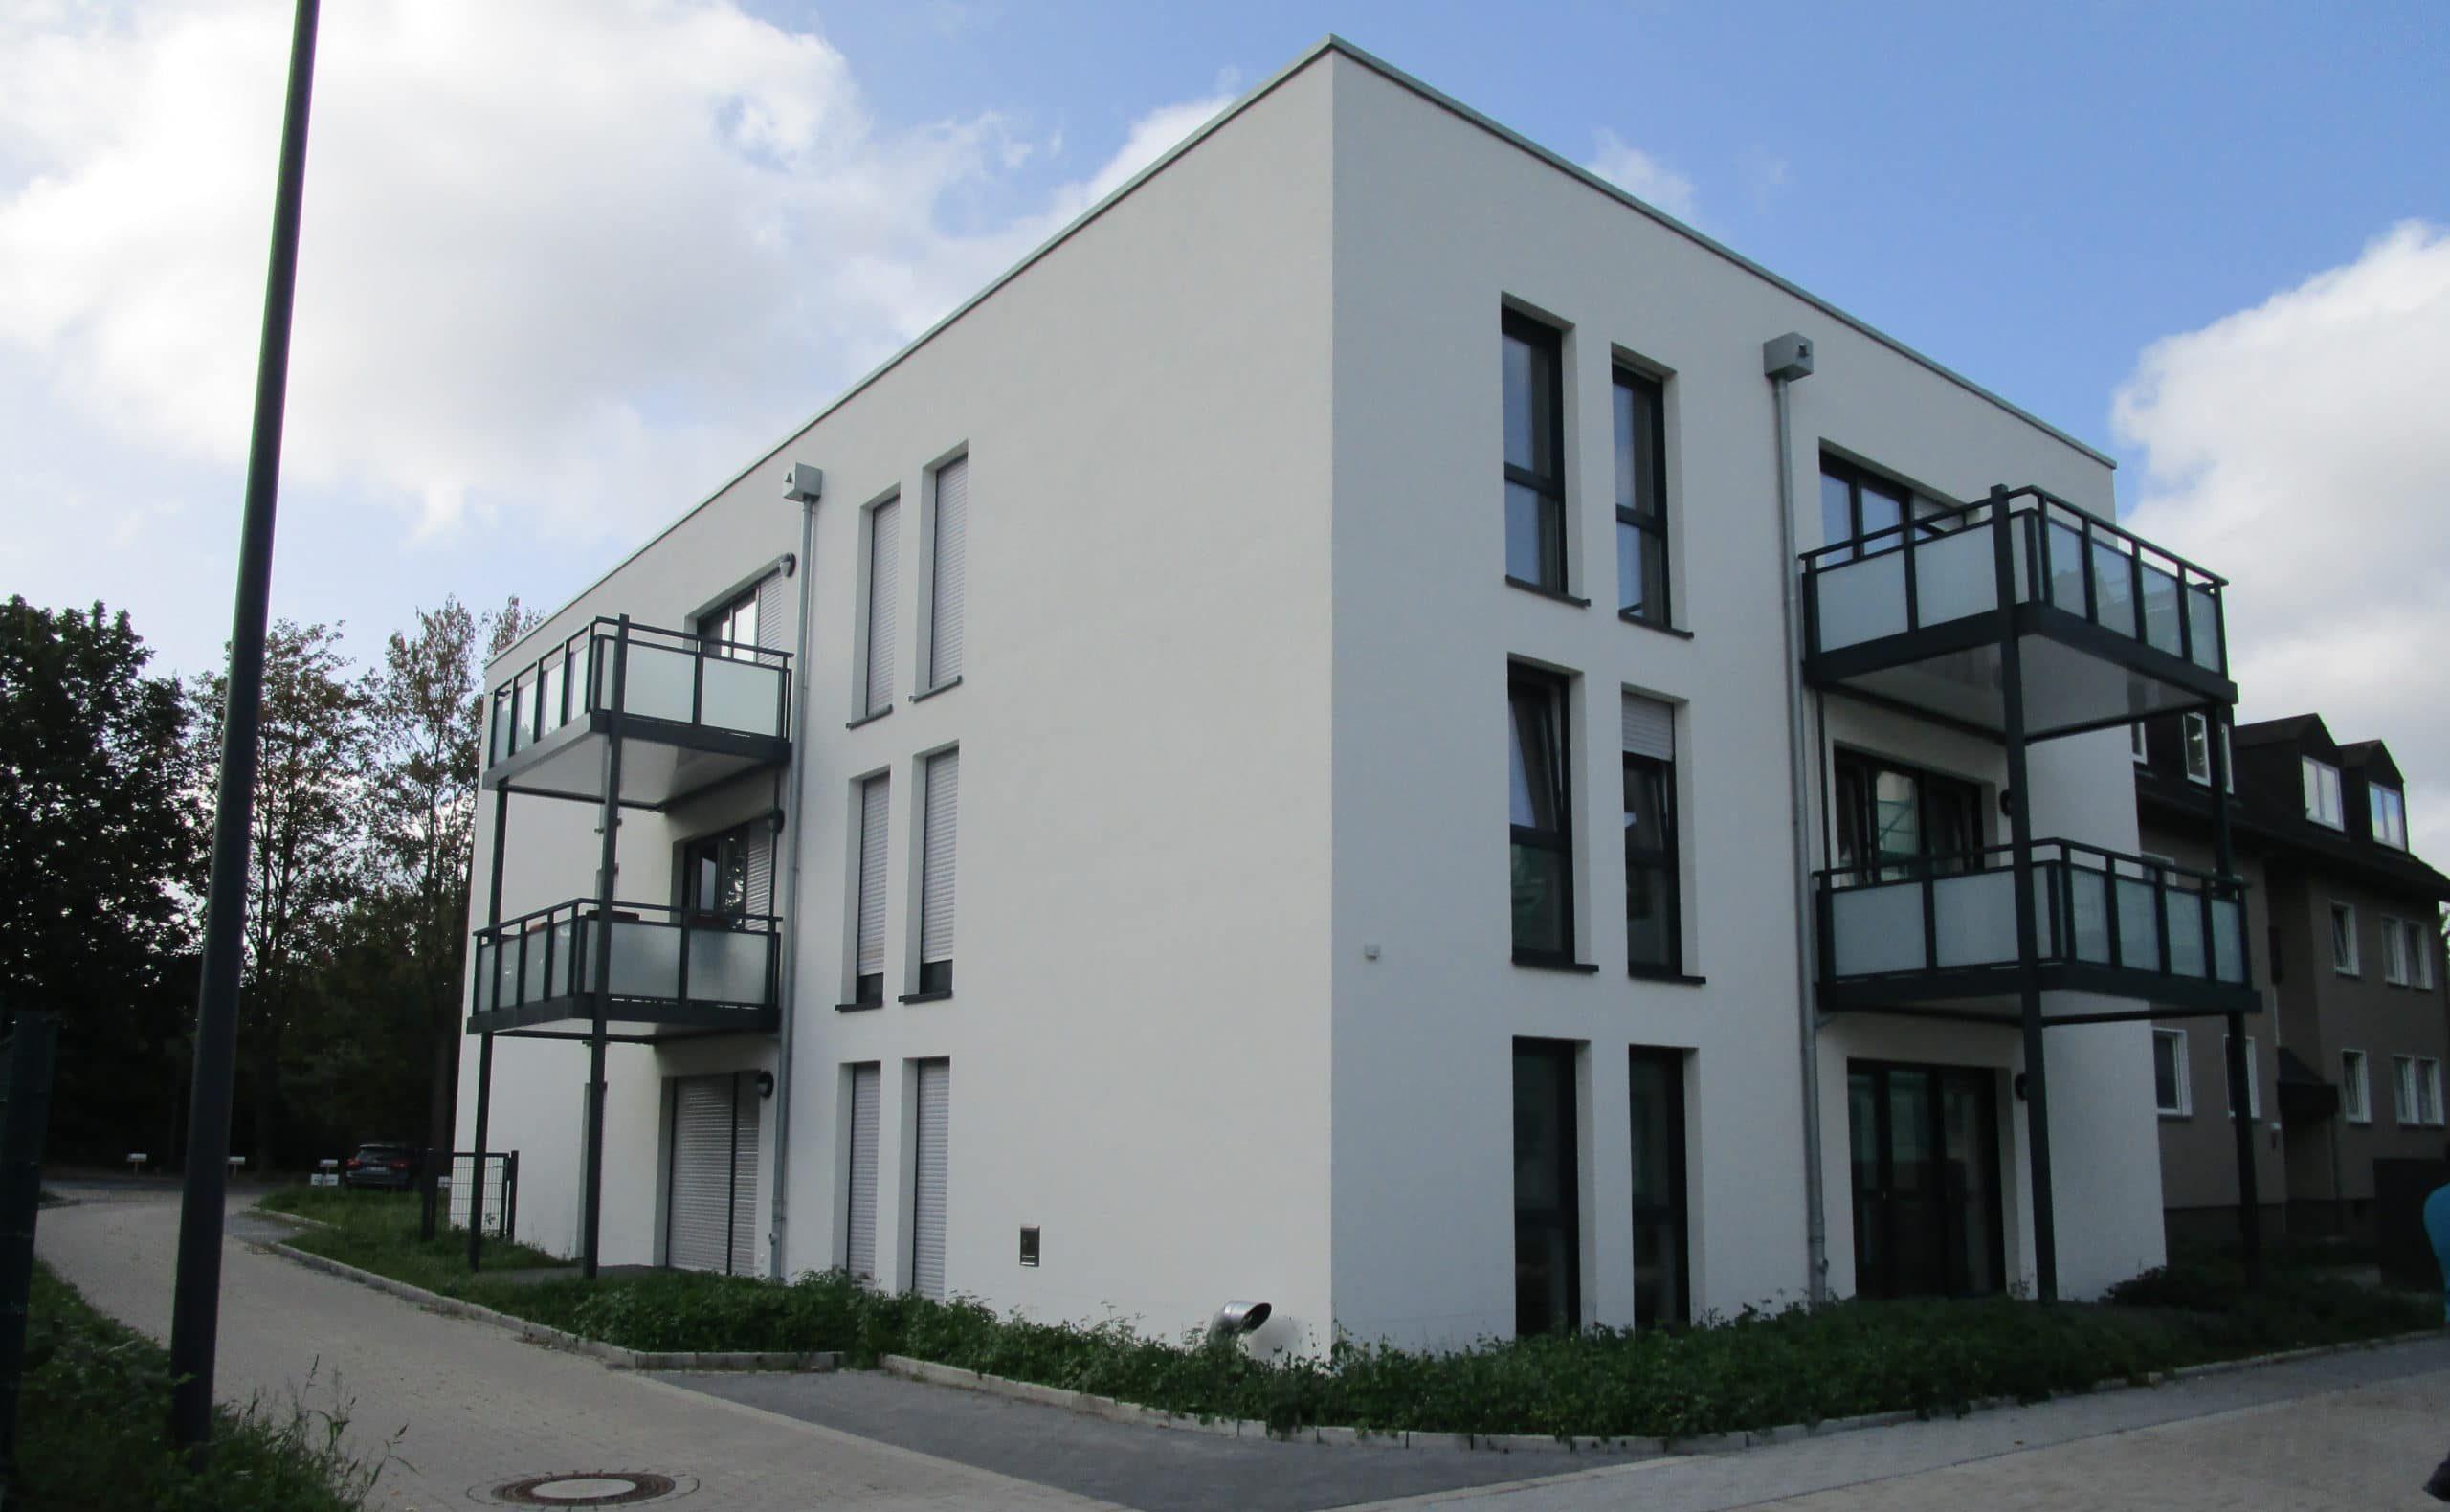 <b>Mehrfamilienhaus Dortmund</b>